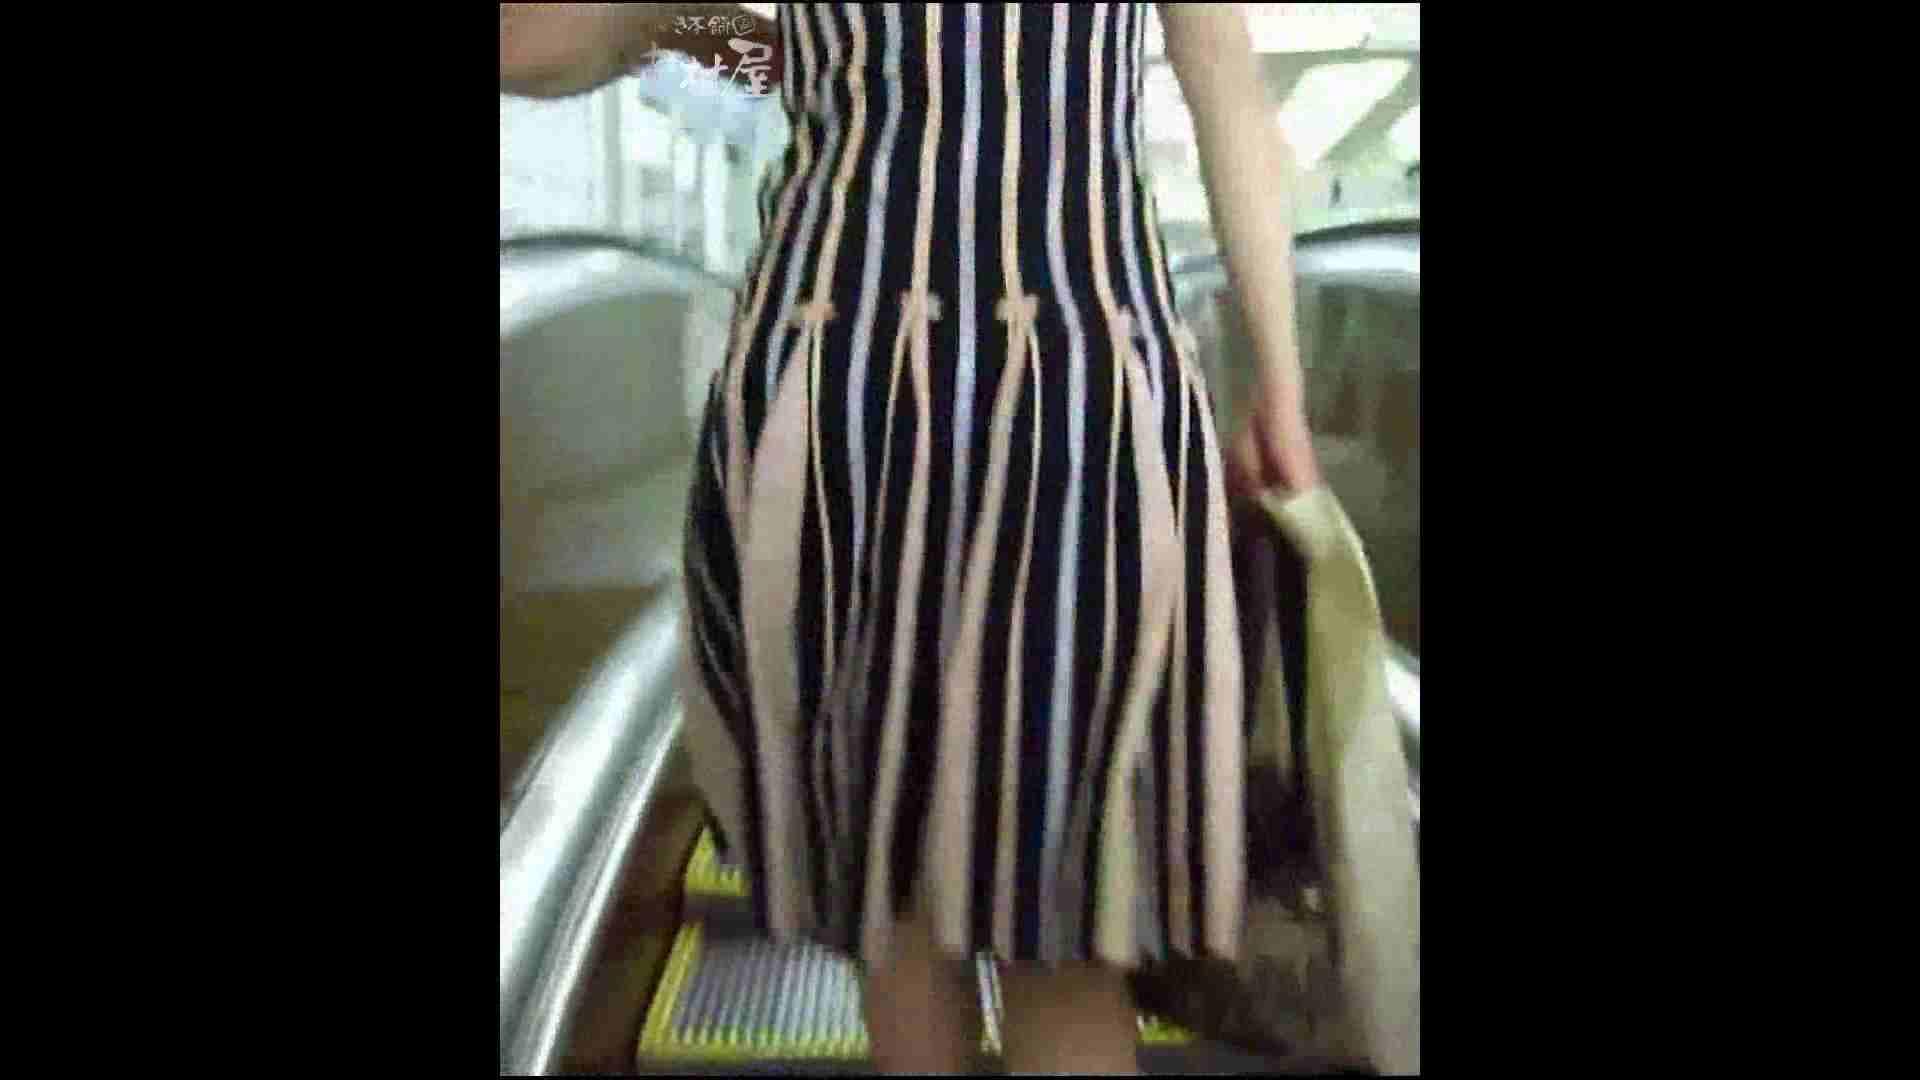 綺麗なモデルさんのスカート捲っちゃおう‼ vol21 お姉さんヌード | OLセックス  100画像 21